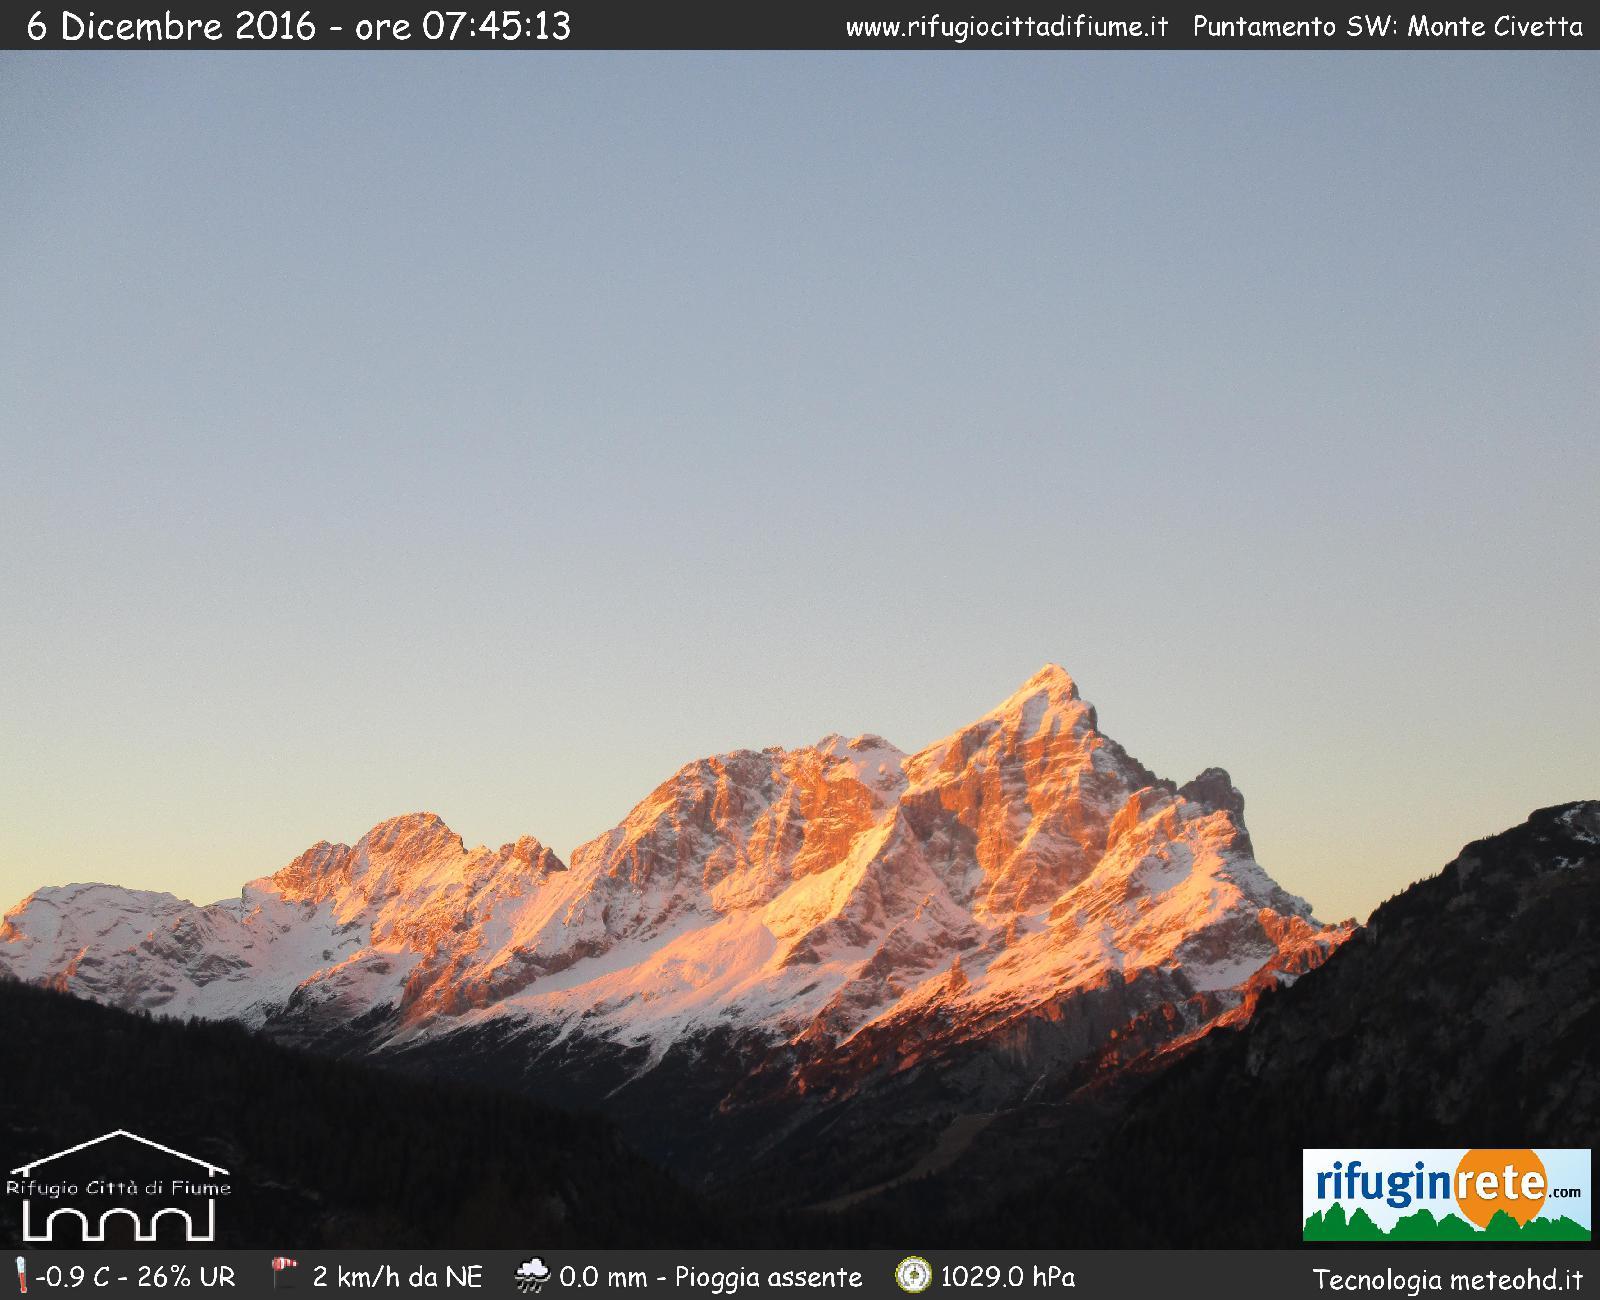 Veneto centro-settentrionale Inverno 2016-17-alba-civetta-06-12-16.jpg